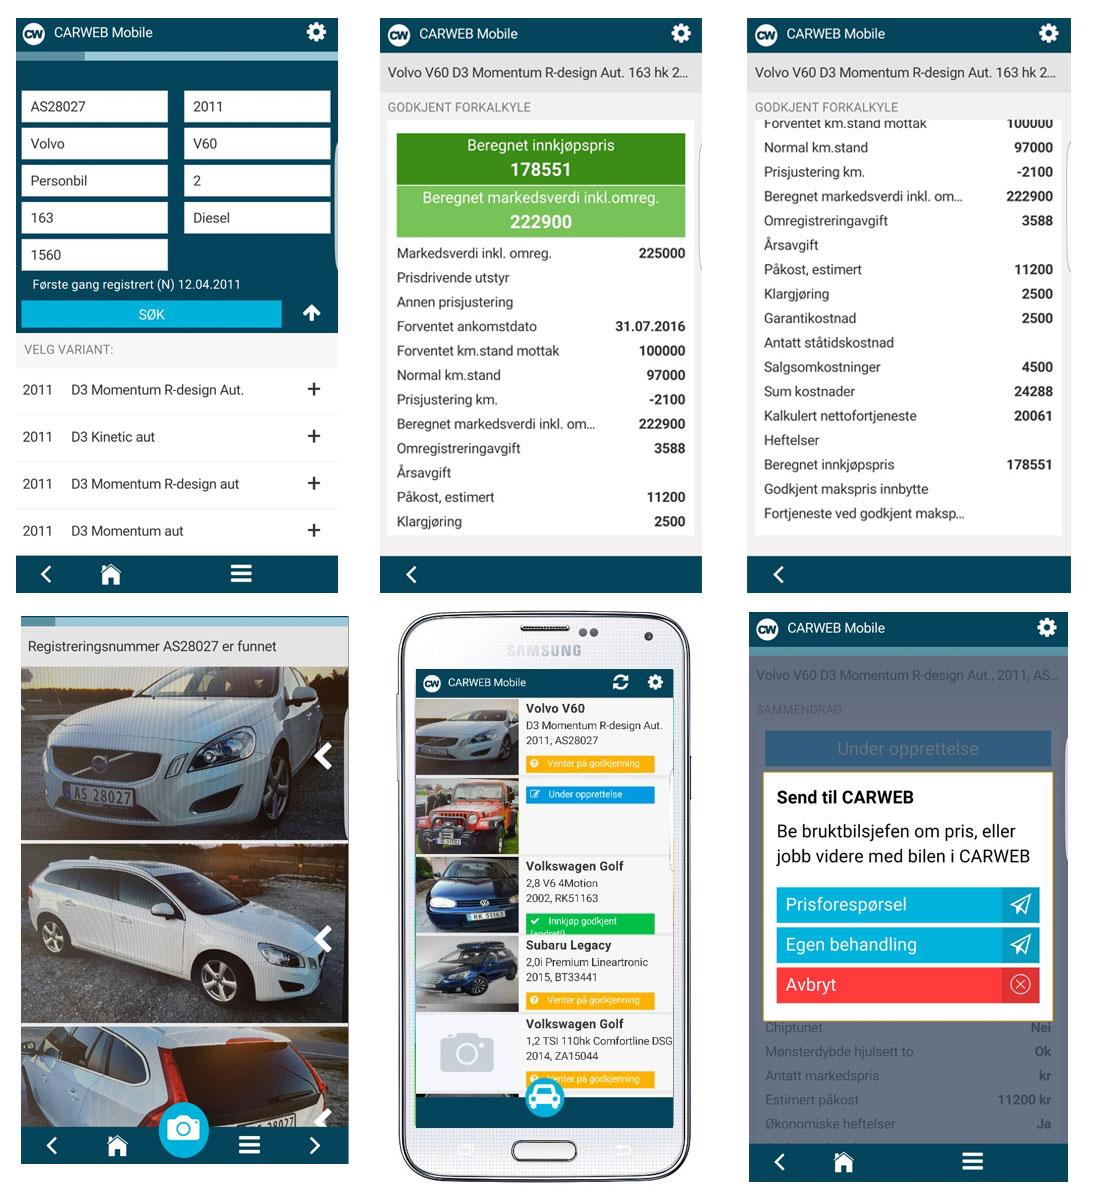 carweb-mobil